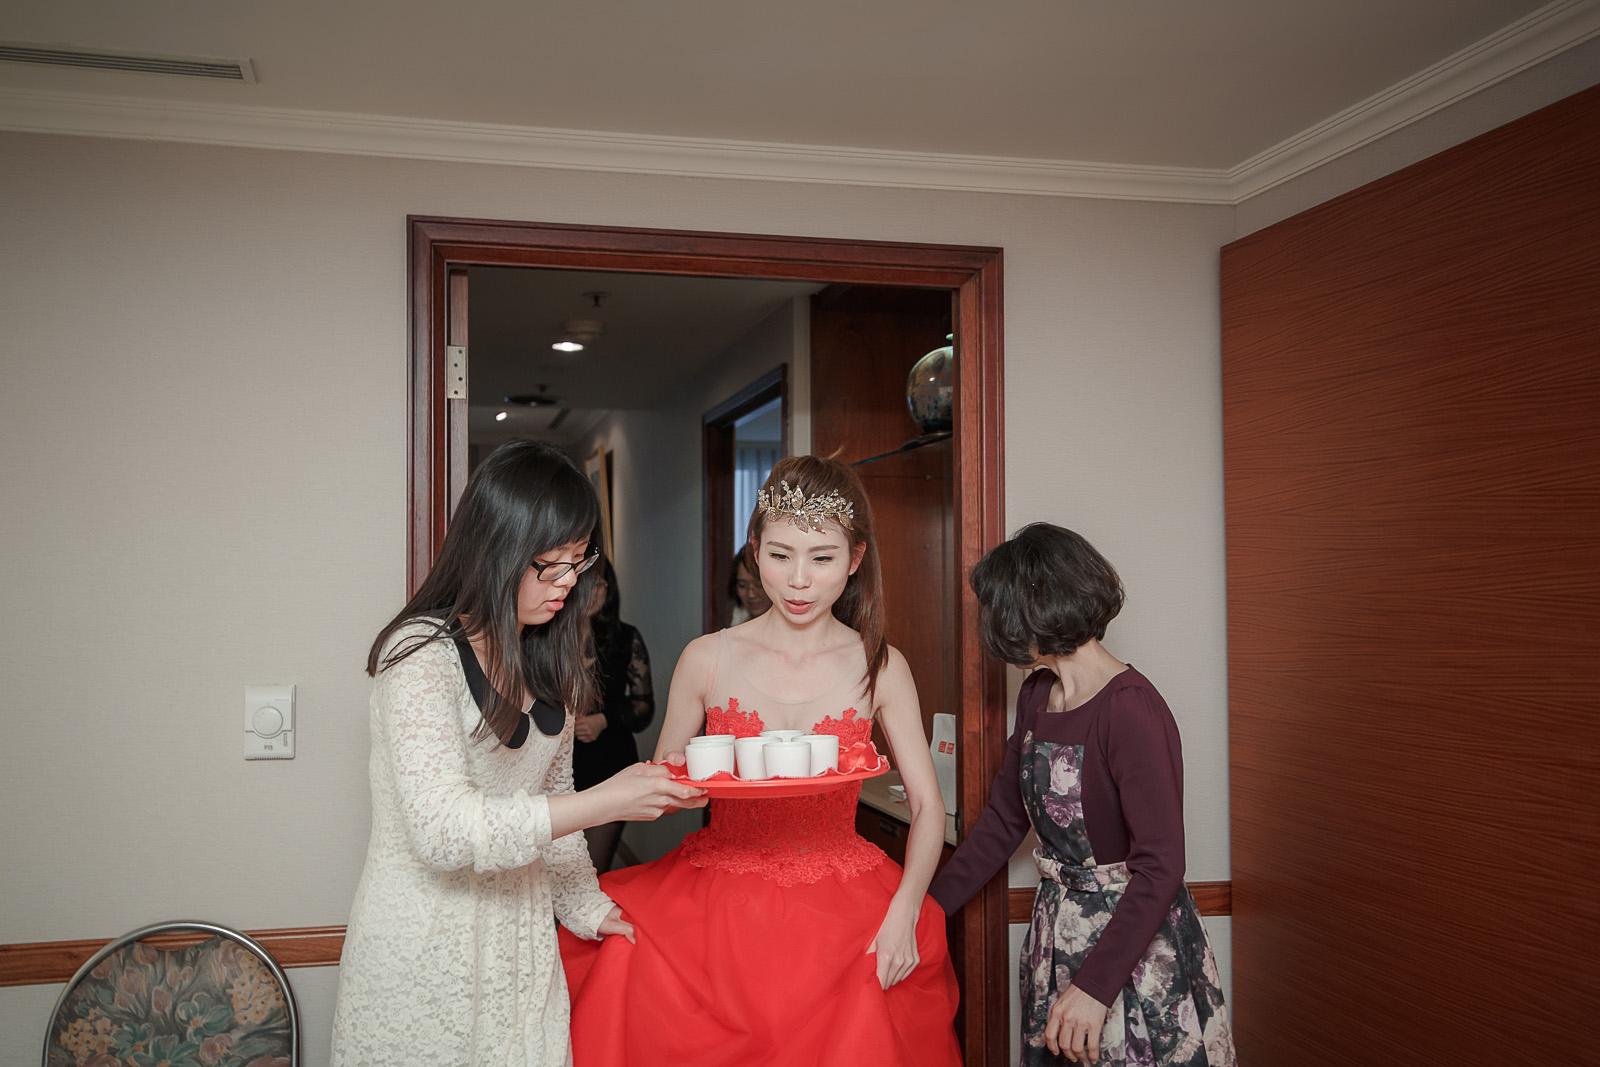 高雄圓山飯店,婚禮攝影,婚攝,高雄婚攝,優質婚攝推薦,Jen&Ethan-019